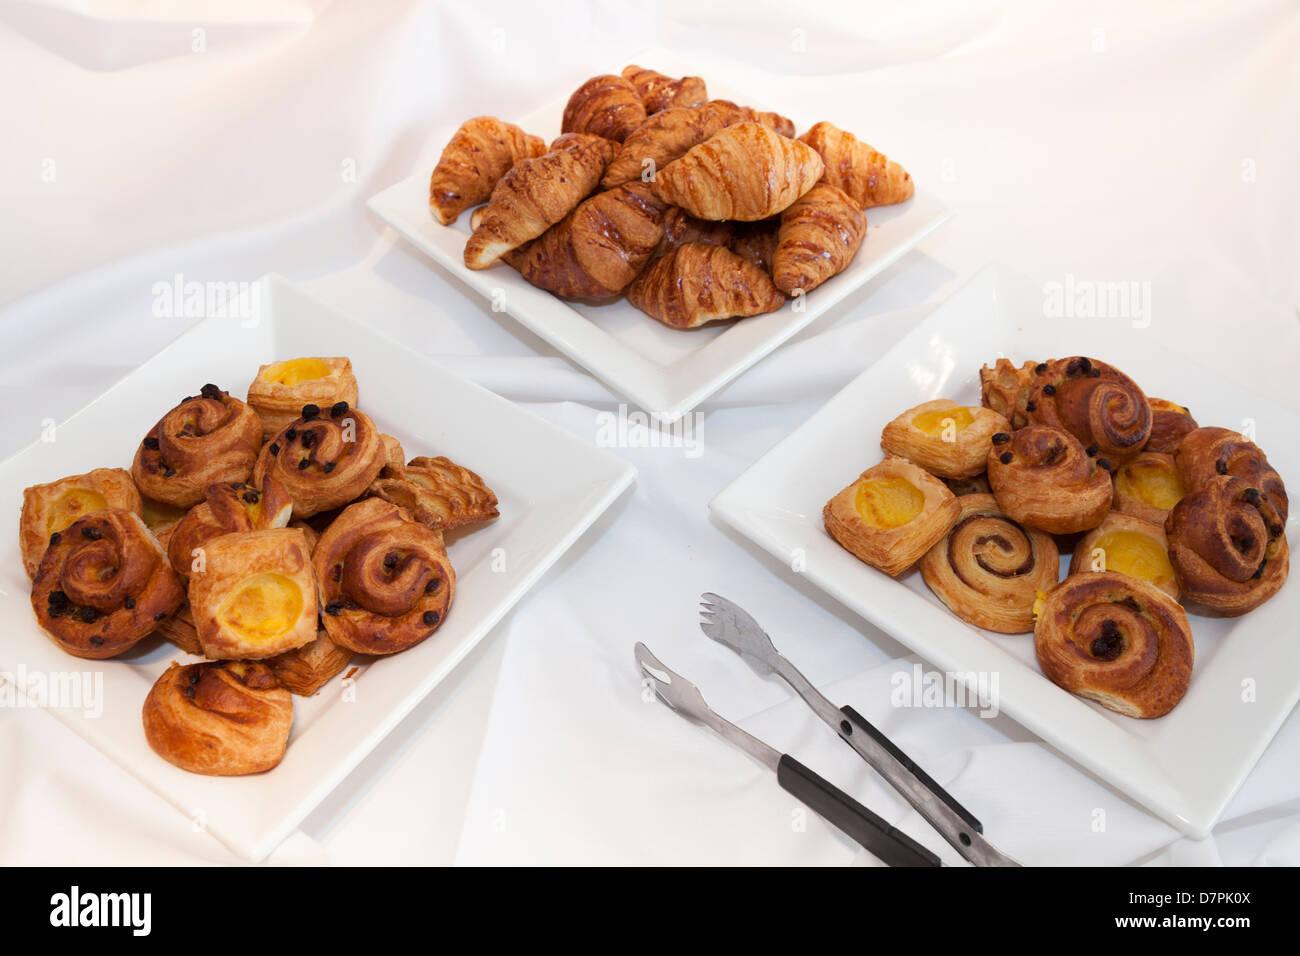 Croissant e pasticcini danesi su un hotel Prima colazione tavola con servizio forcella Immagini Stock